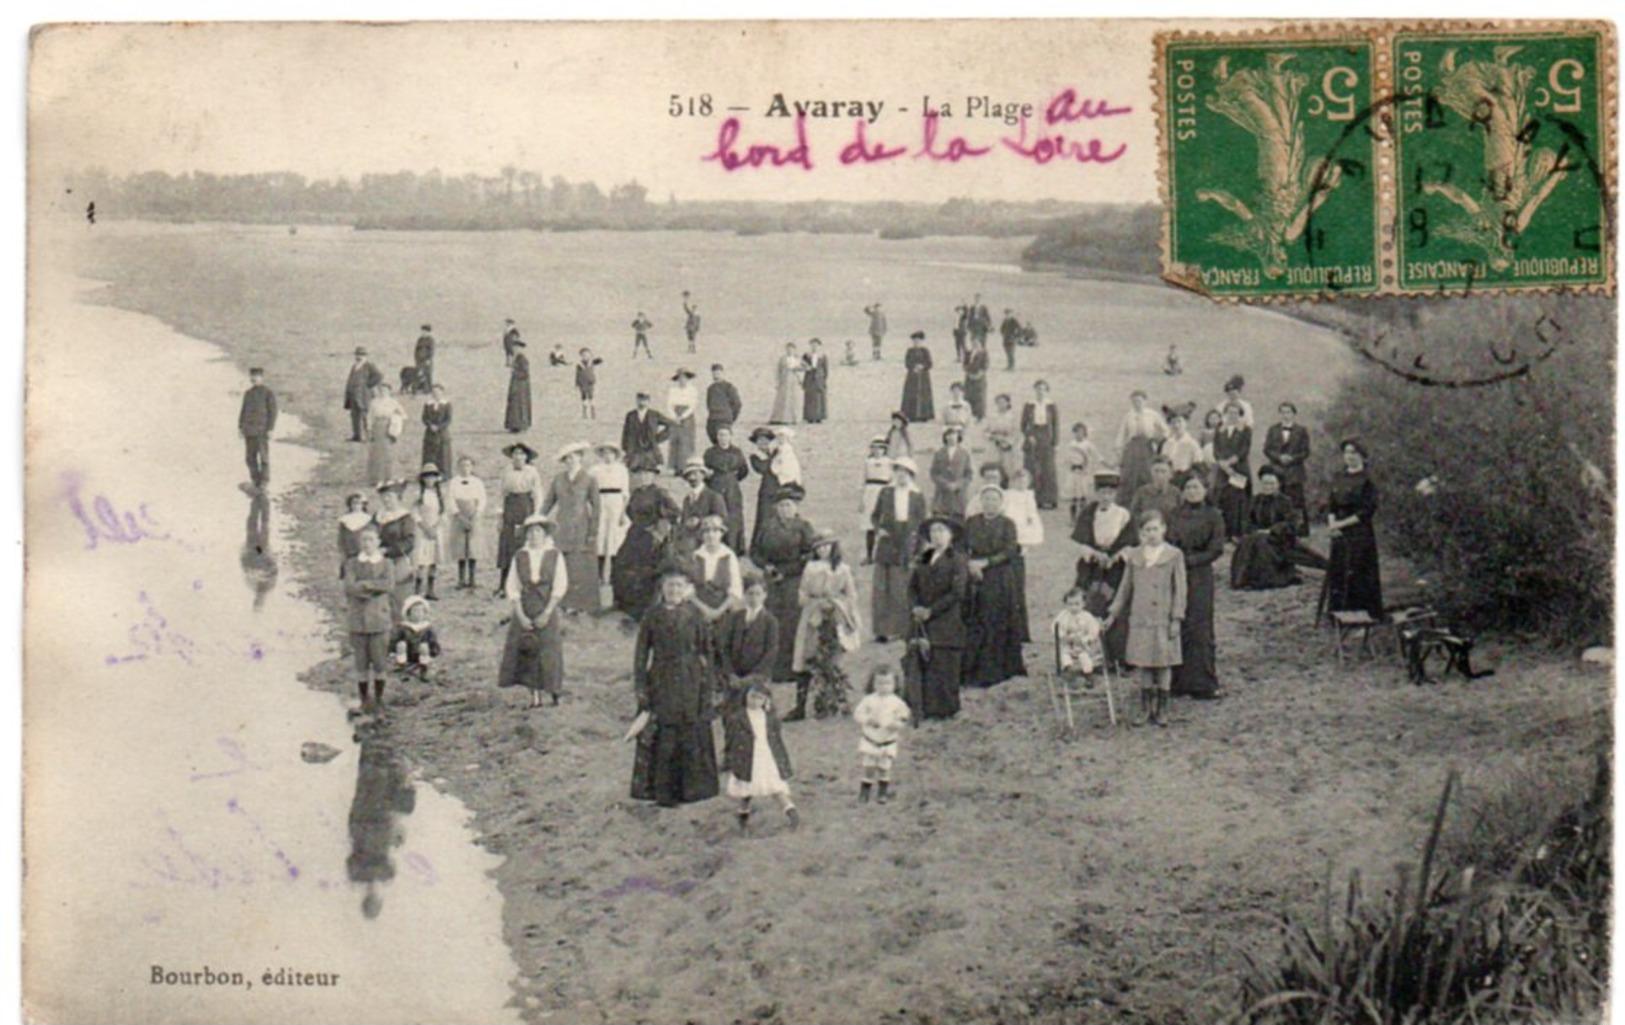 Loir Et Cher - AVARAY - La Plage Au Bord De La Loire - France